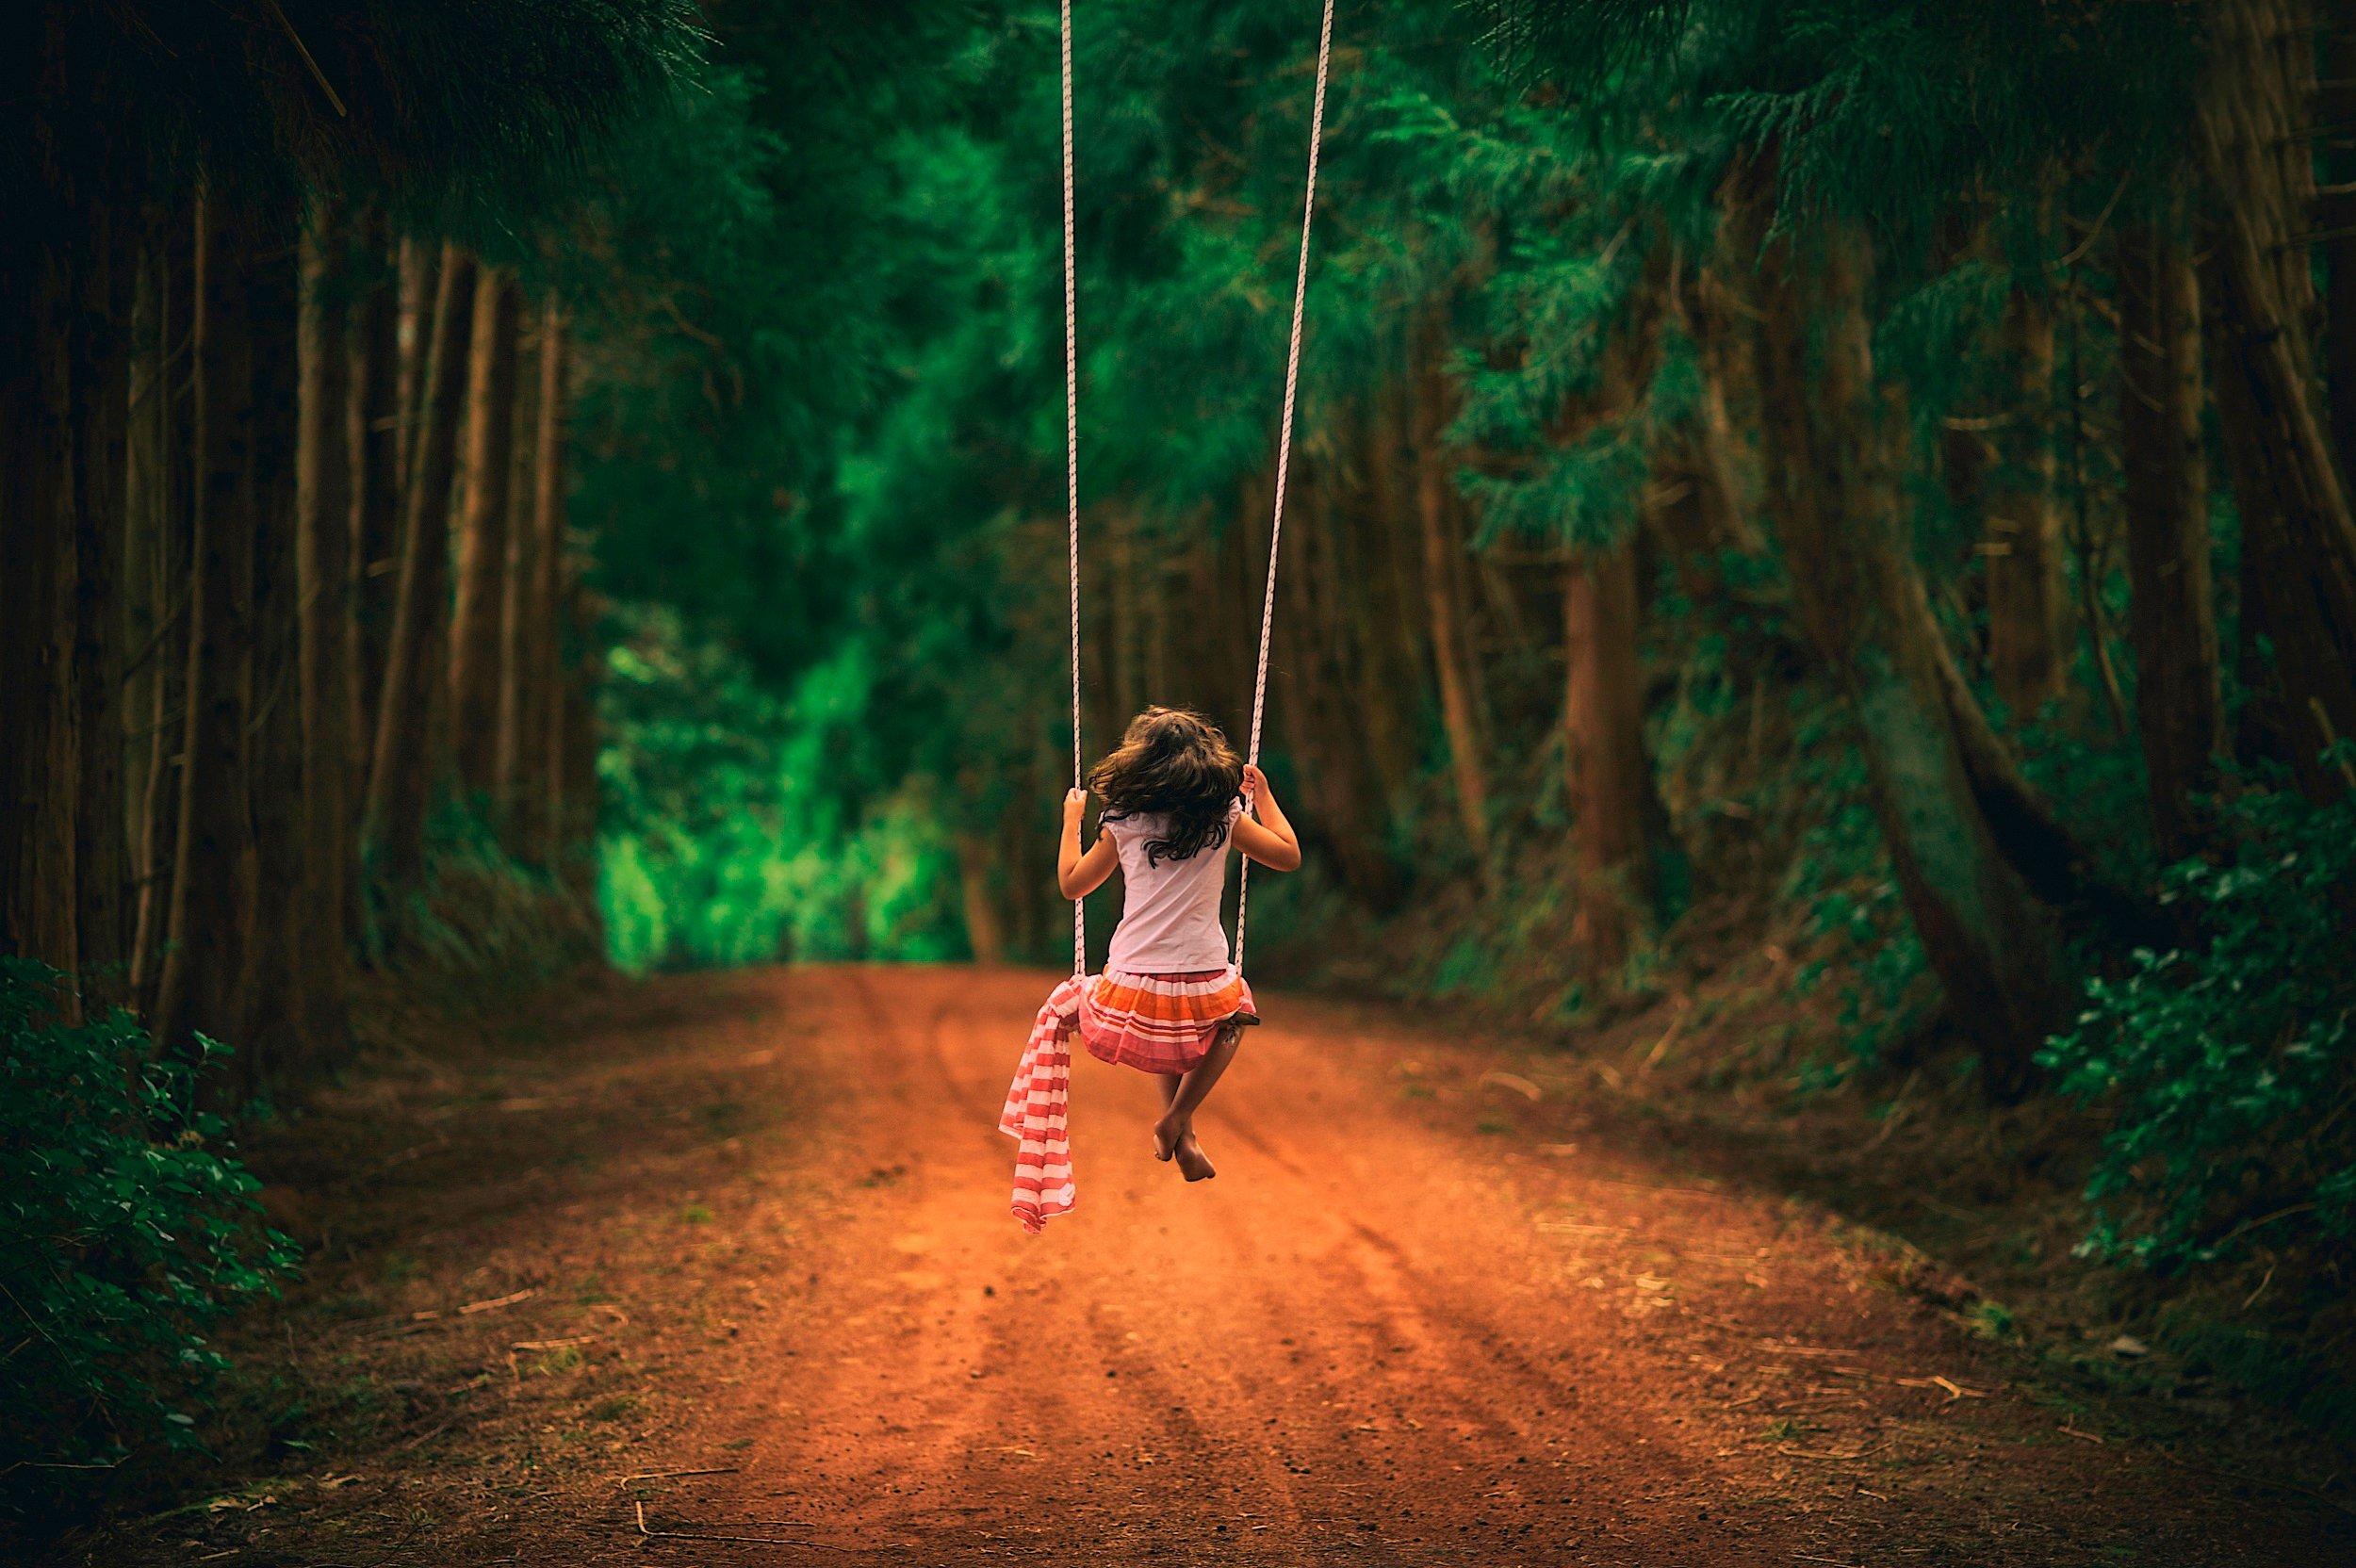 Фото в лесу на качелях 9 фотография